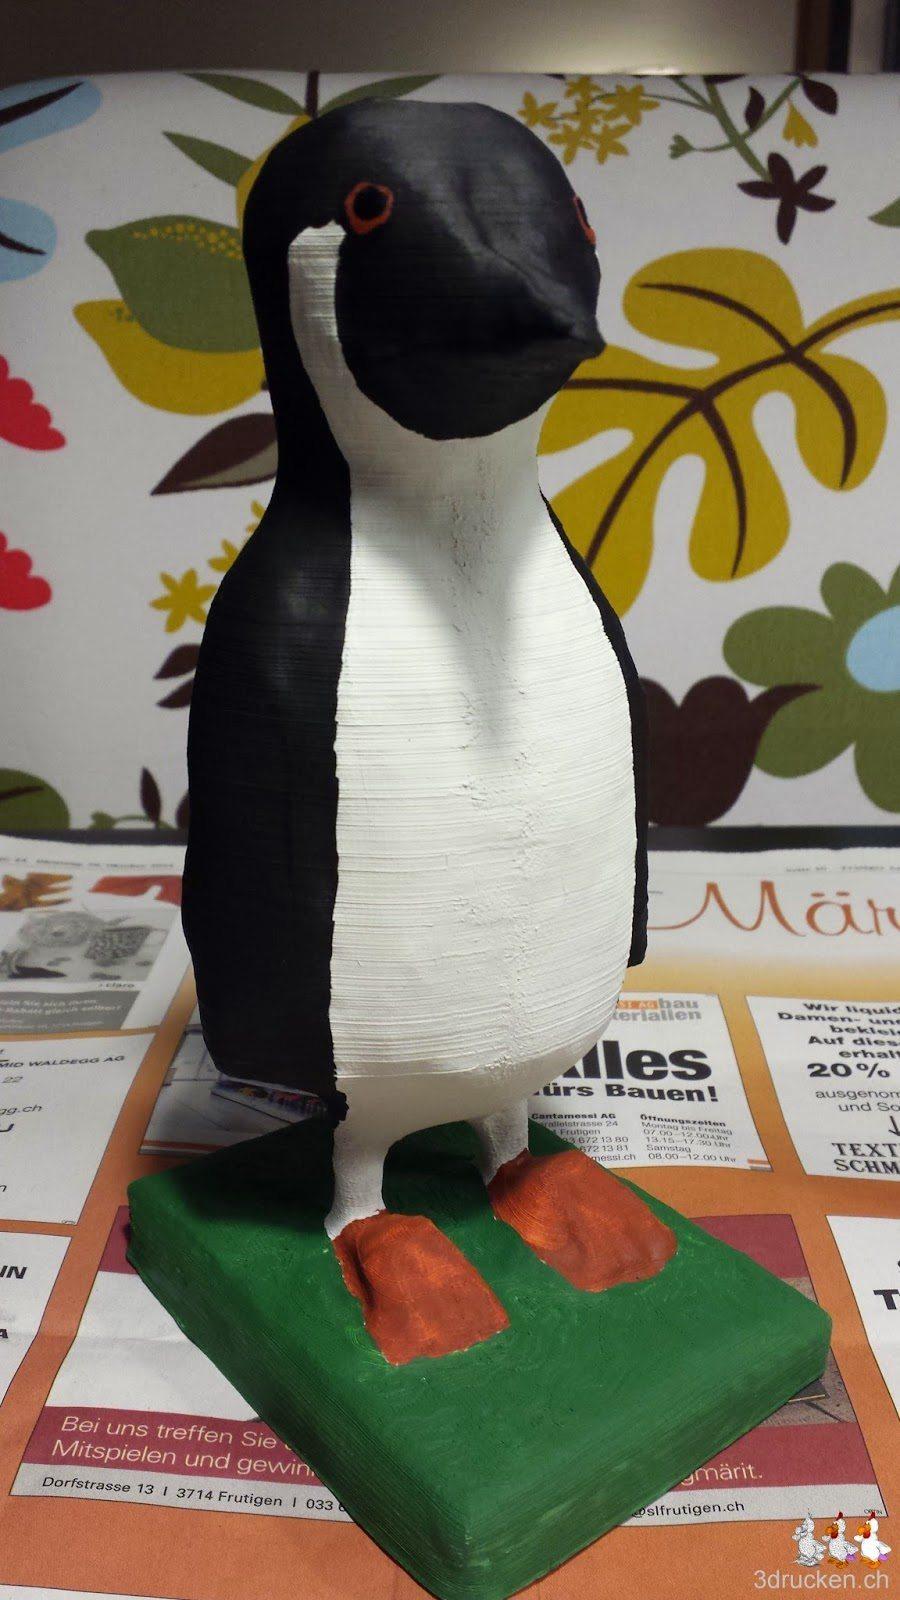 Foto des Pinguins mit schwarz aufgemaltem Augeninneren